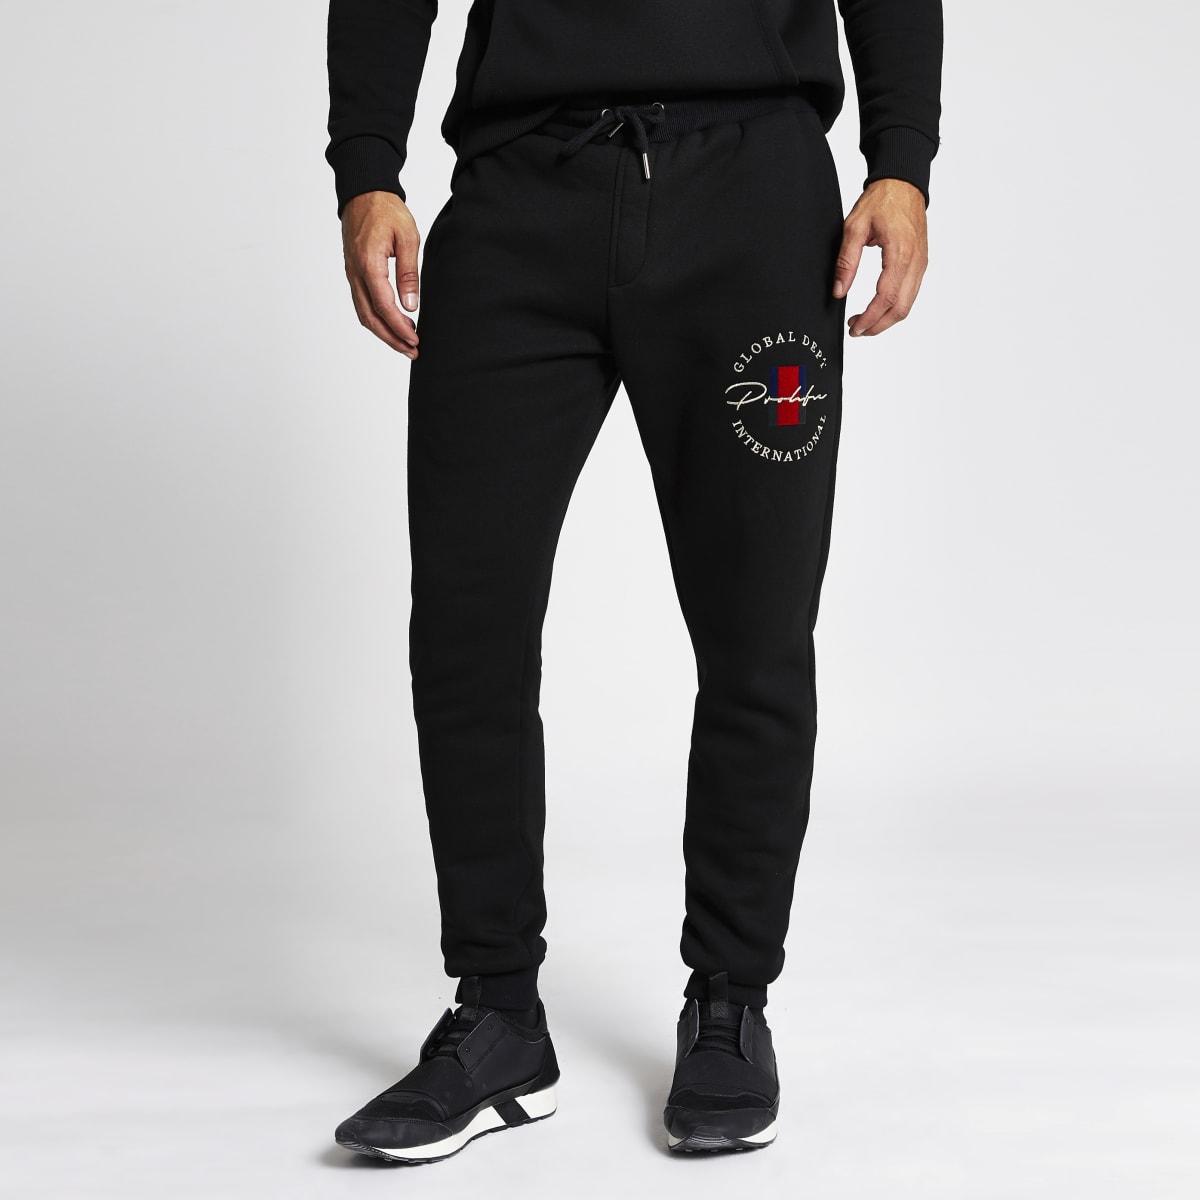 Pantalons de jogging slim noirs avec emblème Prolific